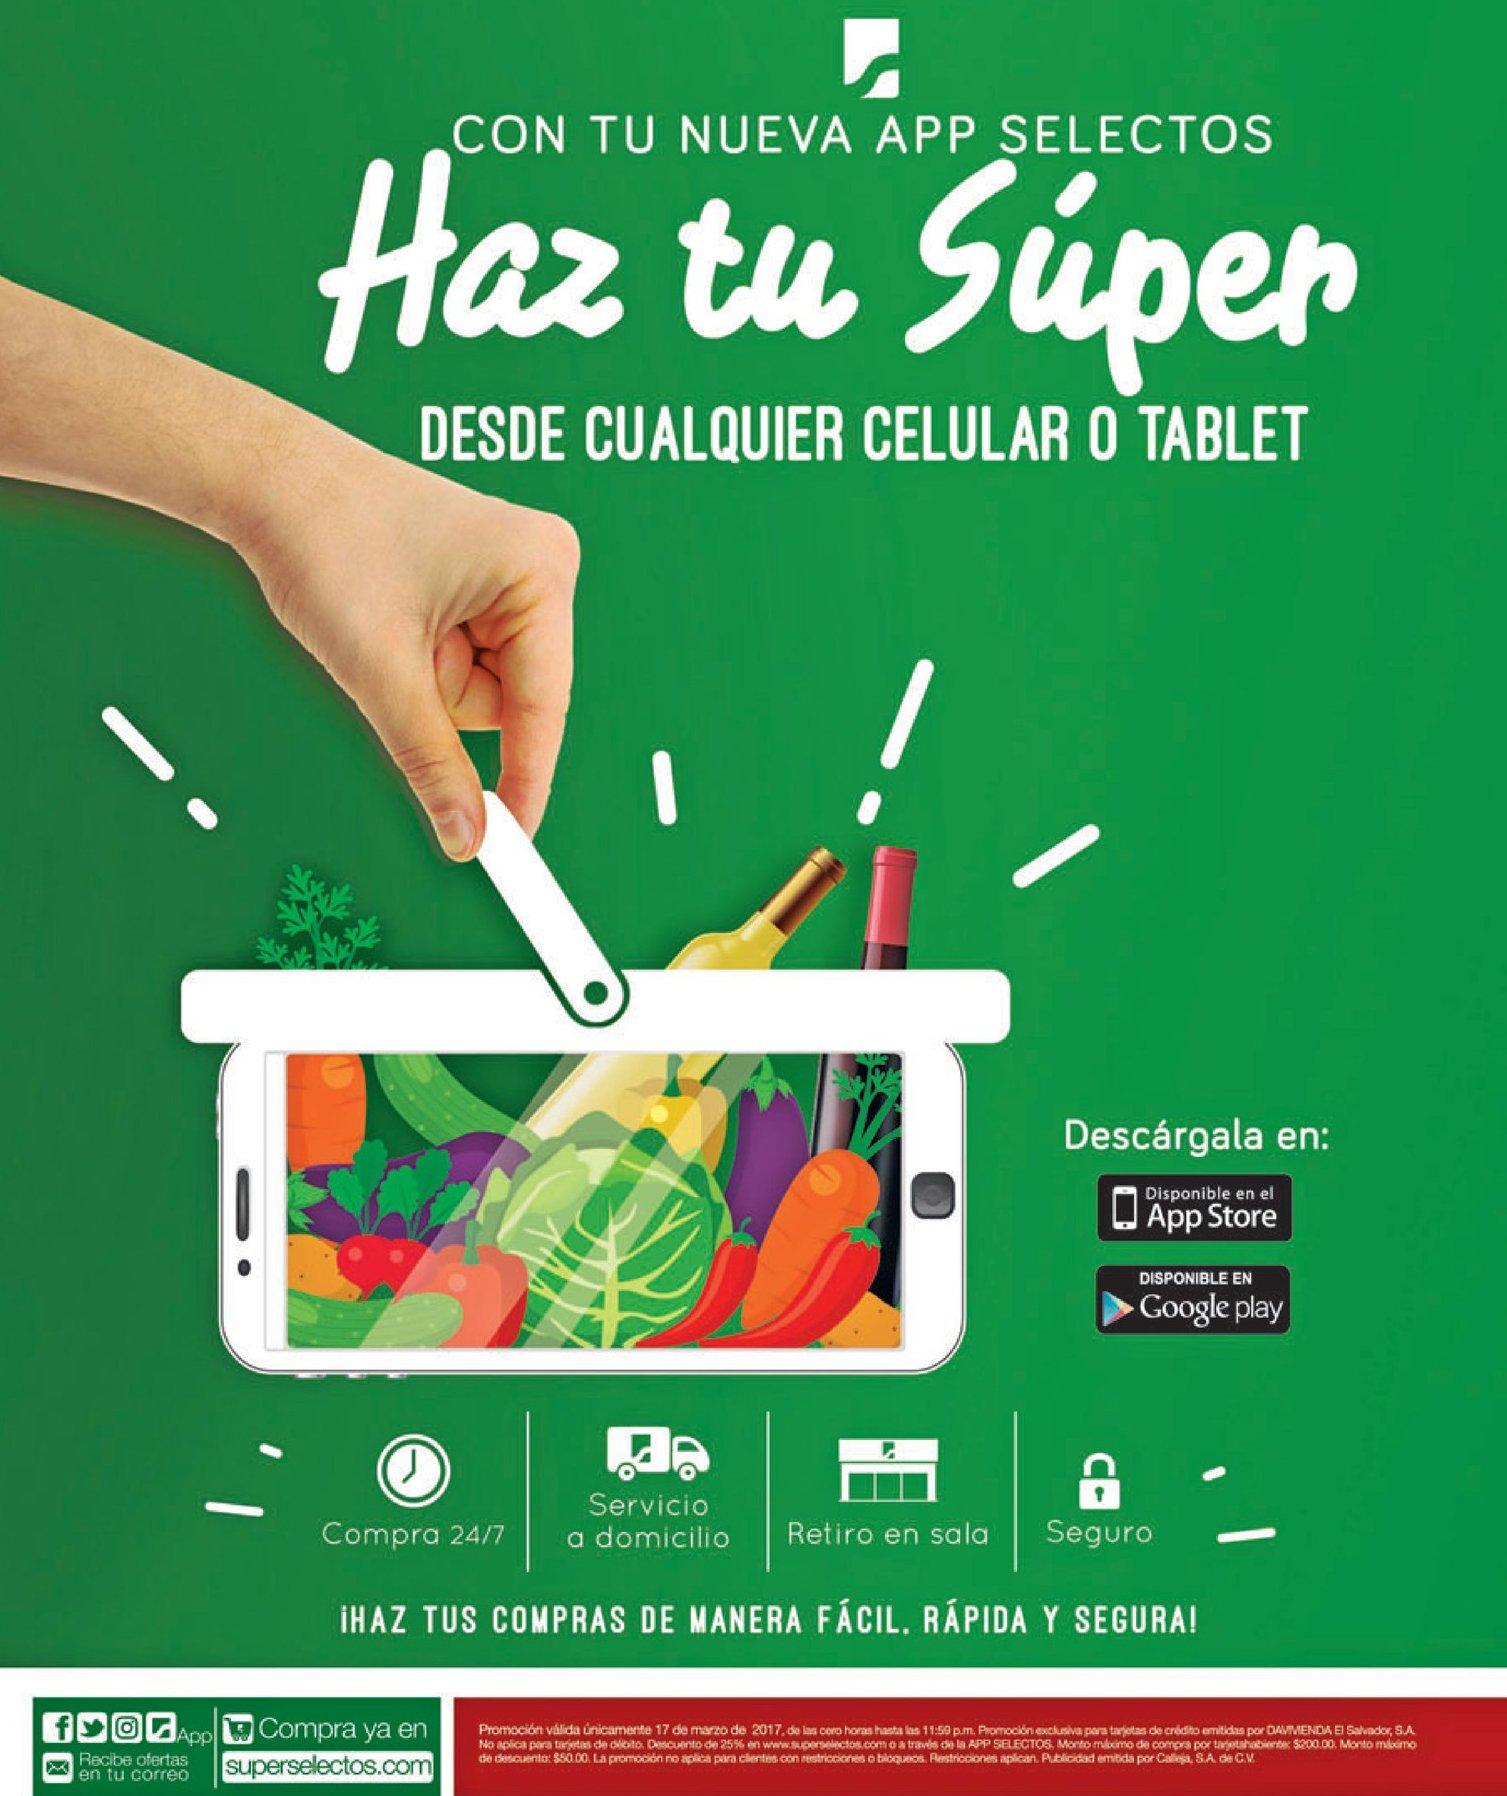 Descarga la nueva APP super selectos para comprar desde cualquier tablet o telefono